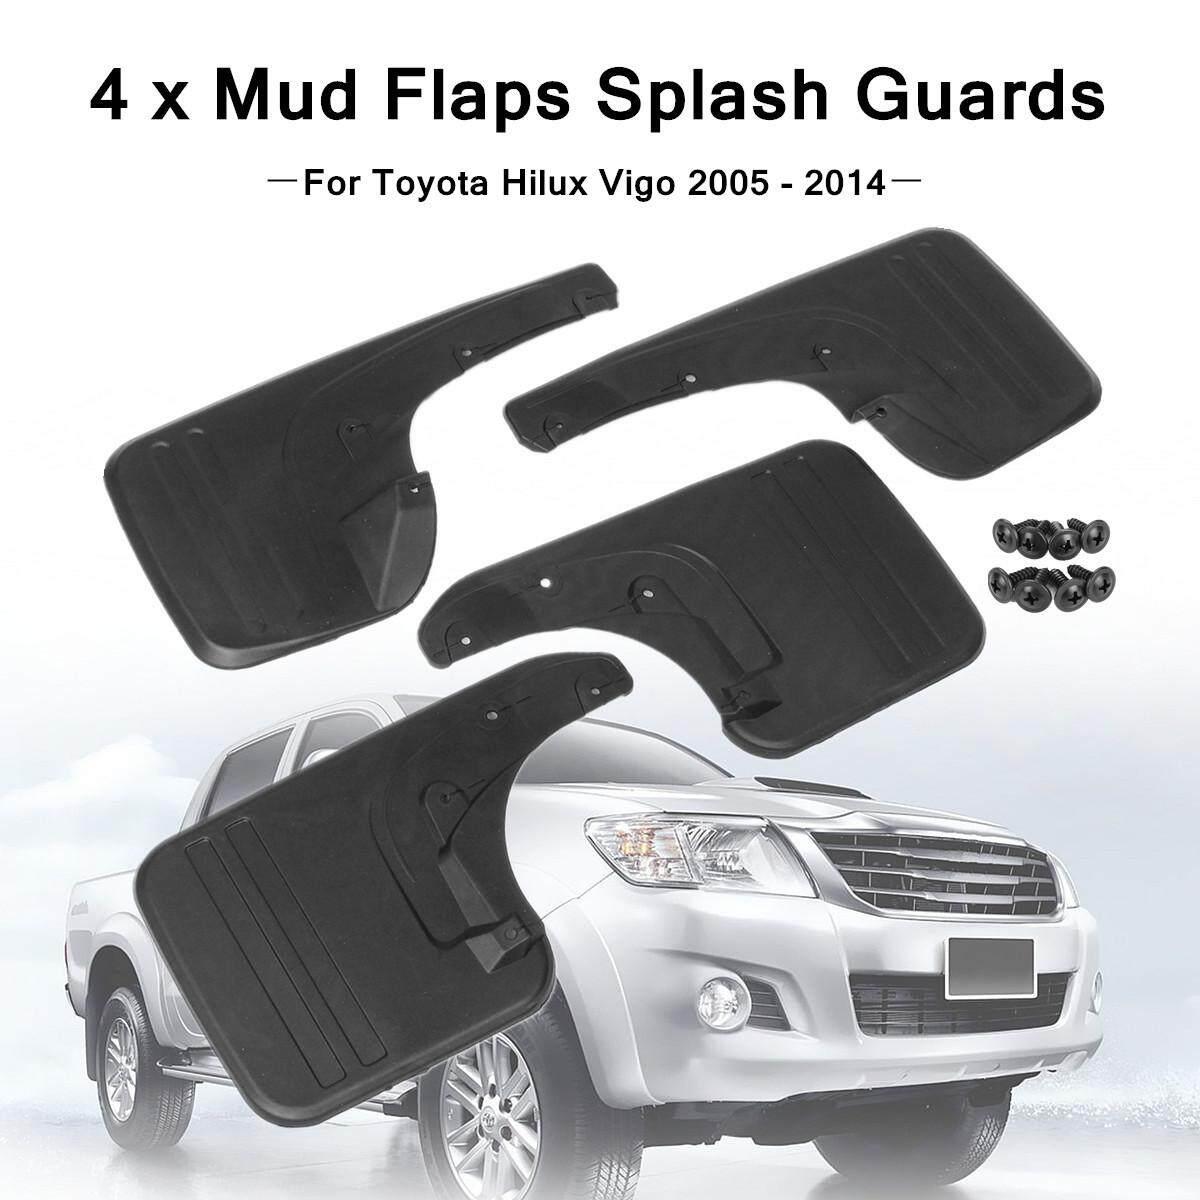 4x Mud Flaps Splash Guards Mudflaps for Hilux Vigo 2005-2014 Front&Rear